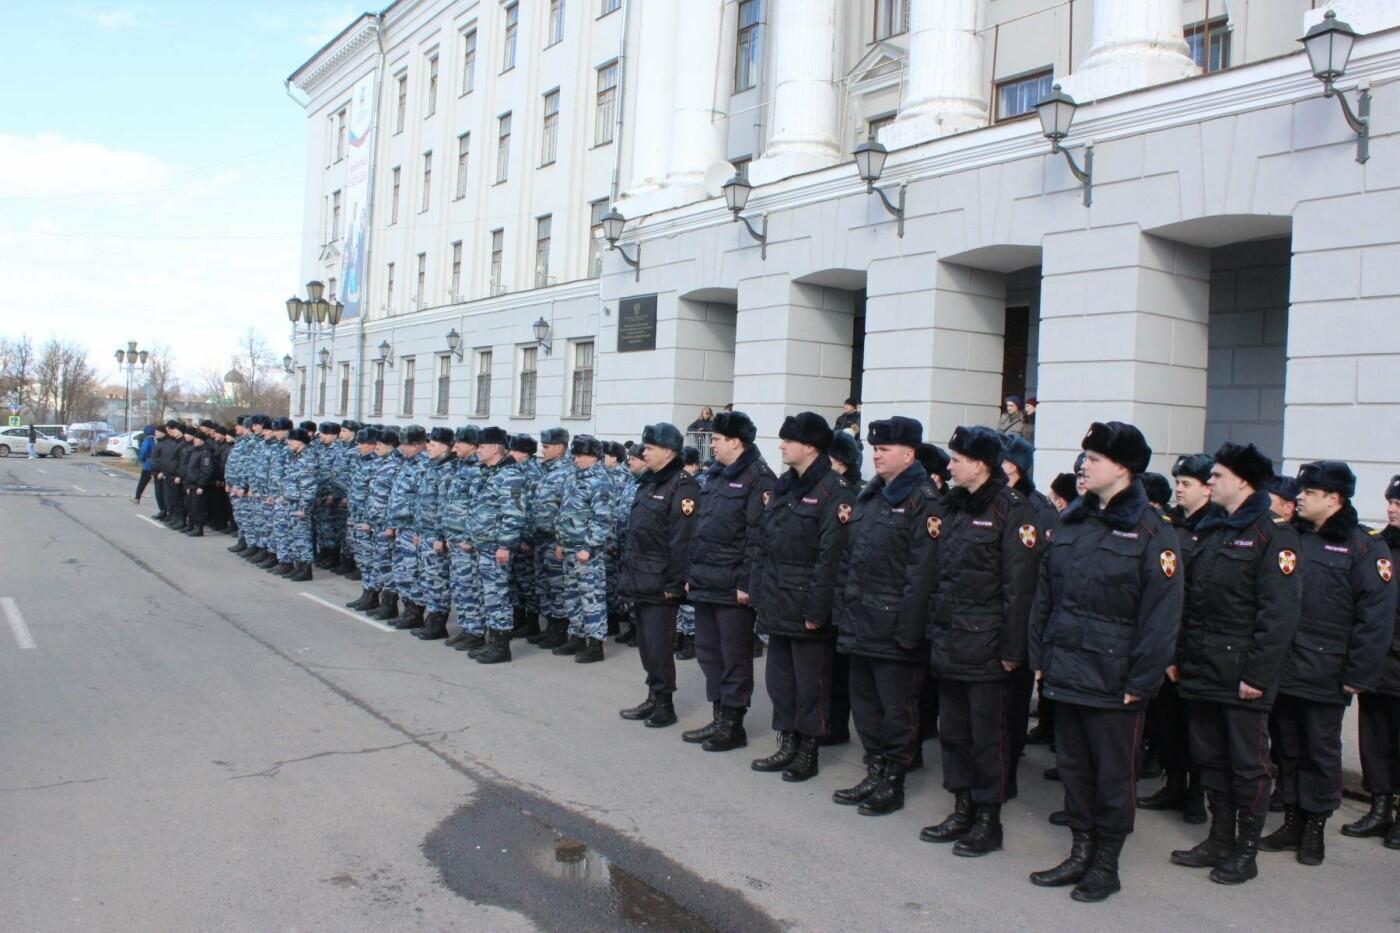 В Пскове состоялся гарнизонный развод нарядов Росгвардии, заступающих на службу по охране общественного порядка, фото-5